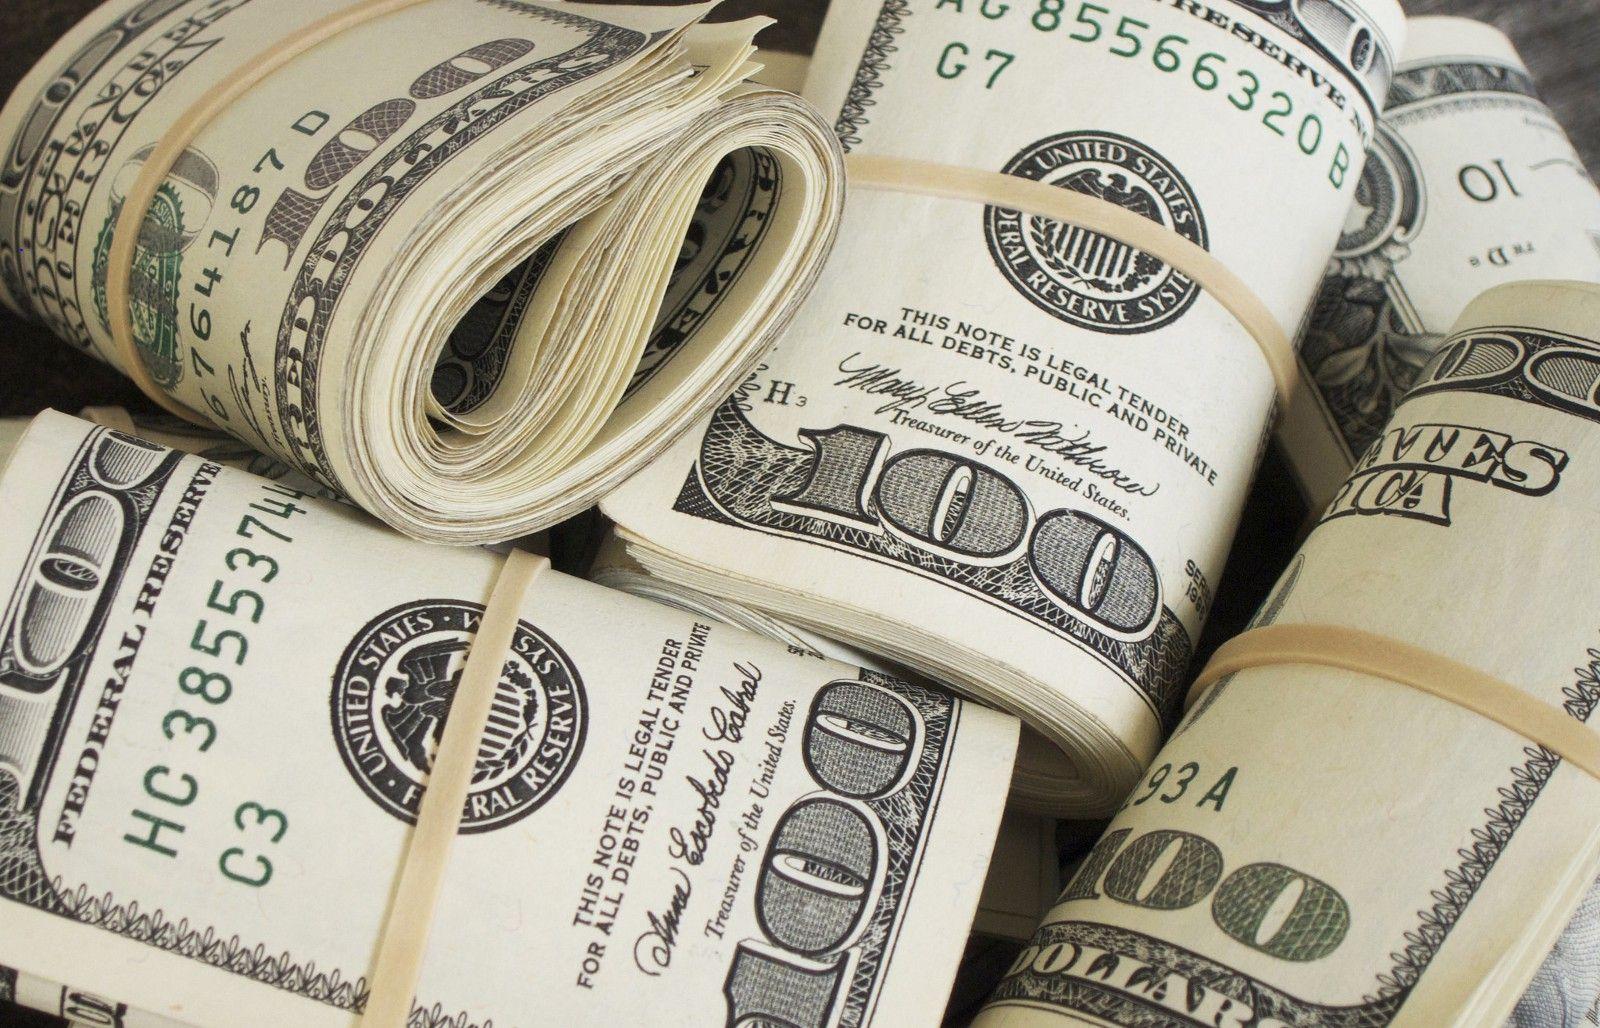 En las casas de cambio de Brasil, un dólar se vende a 40 pesos argentinos